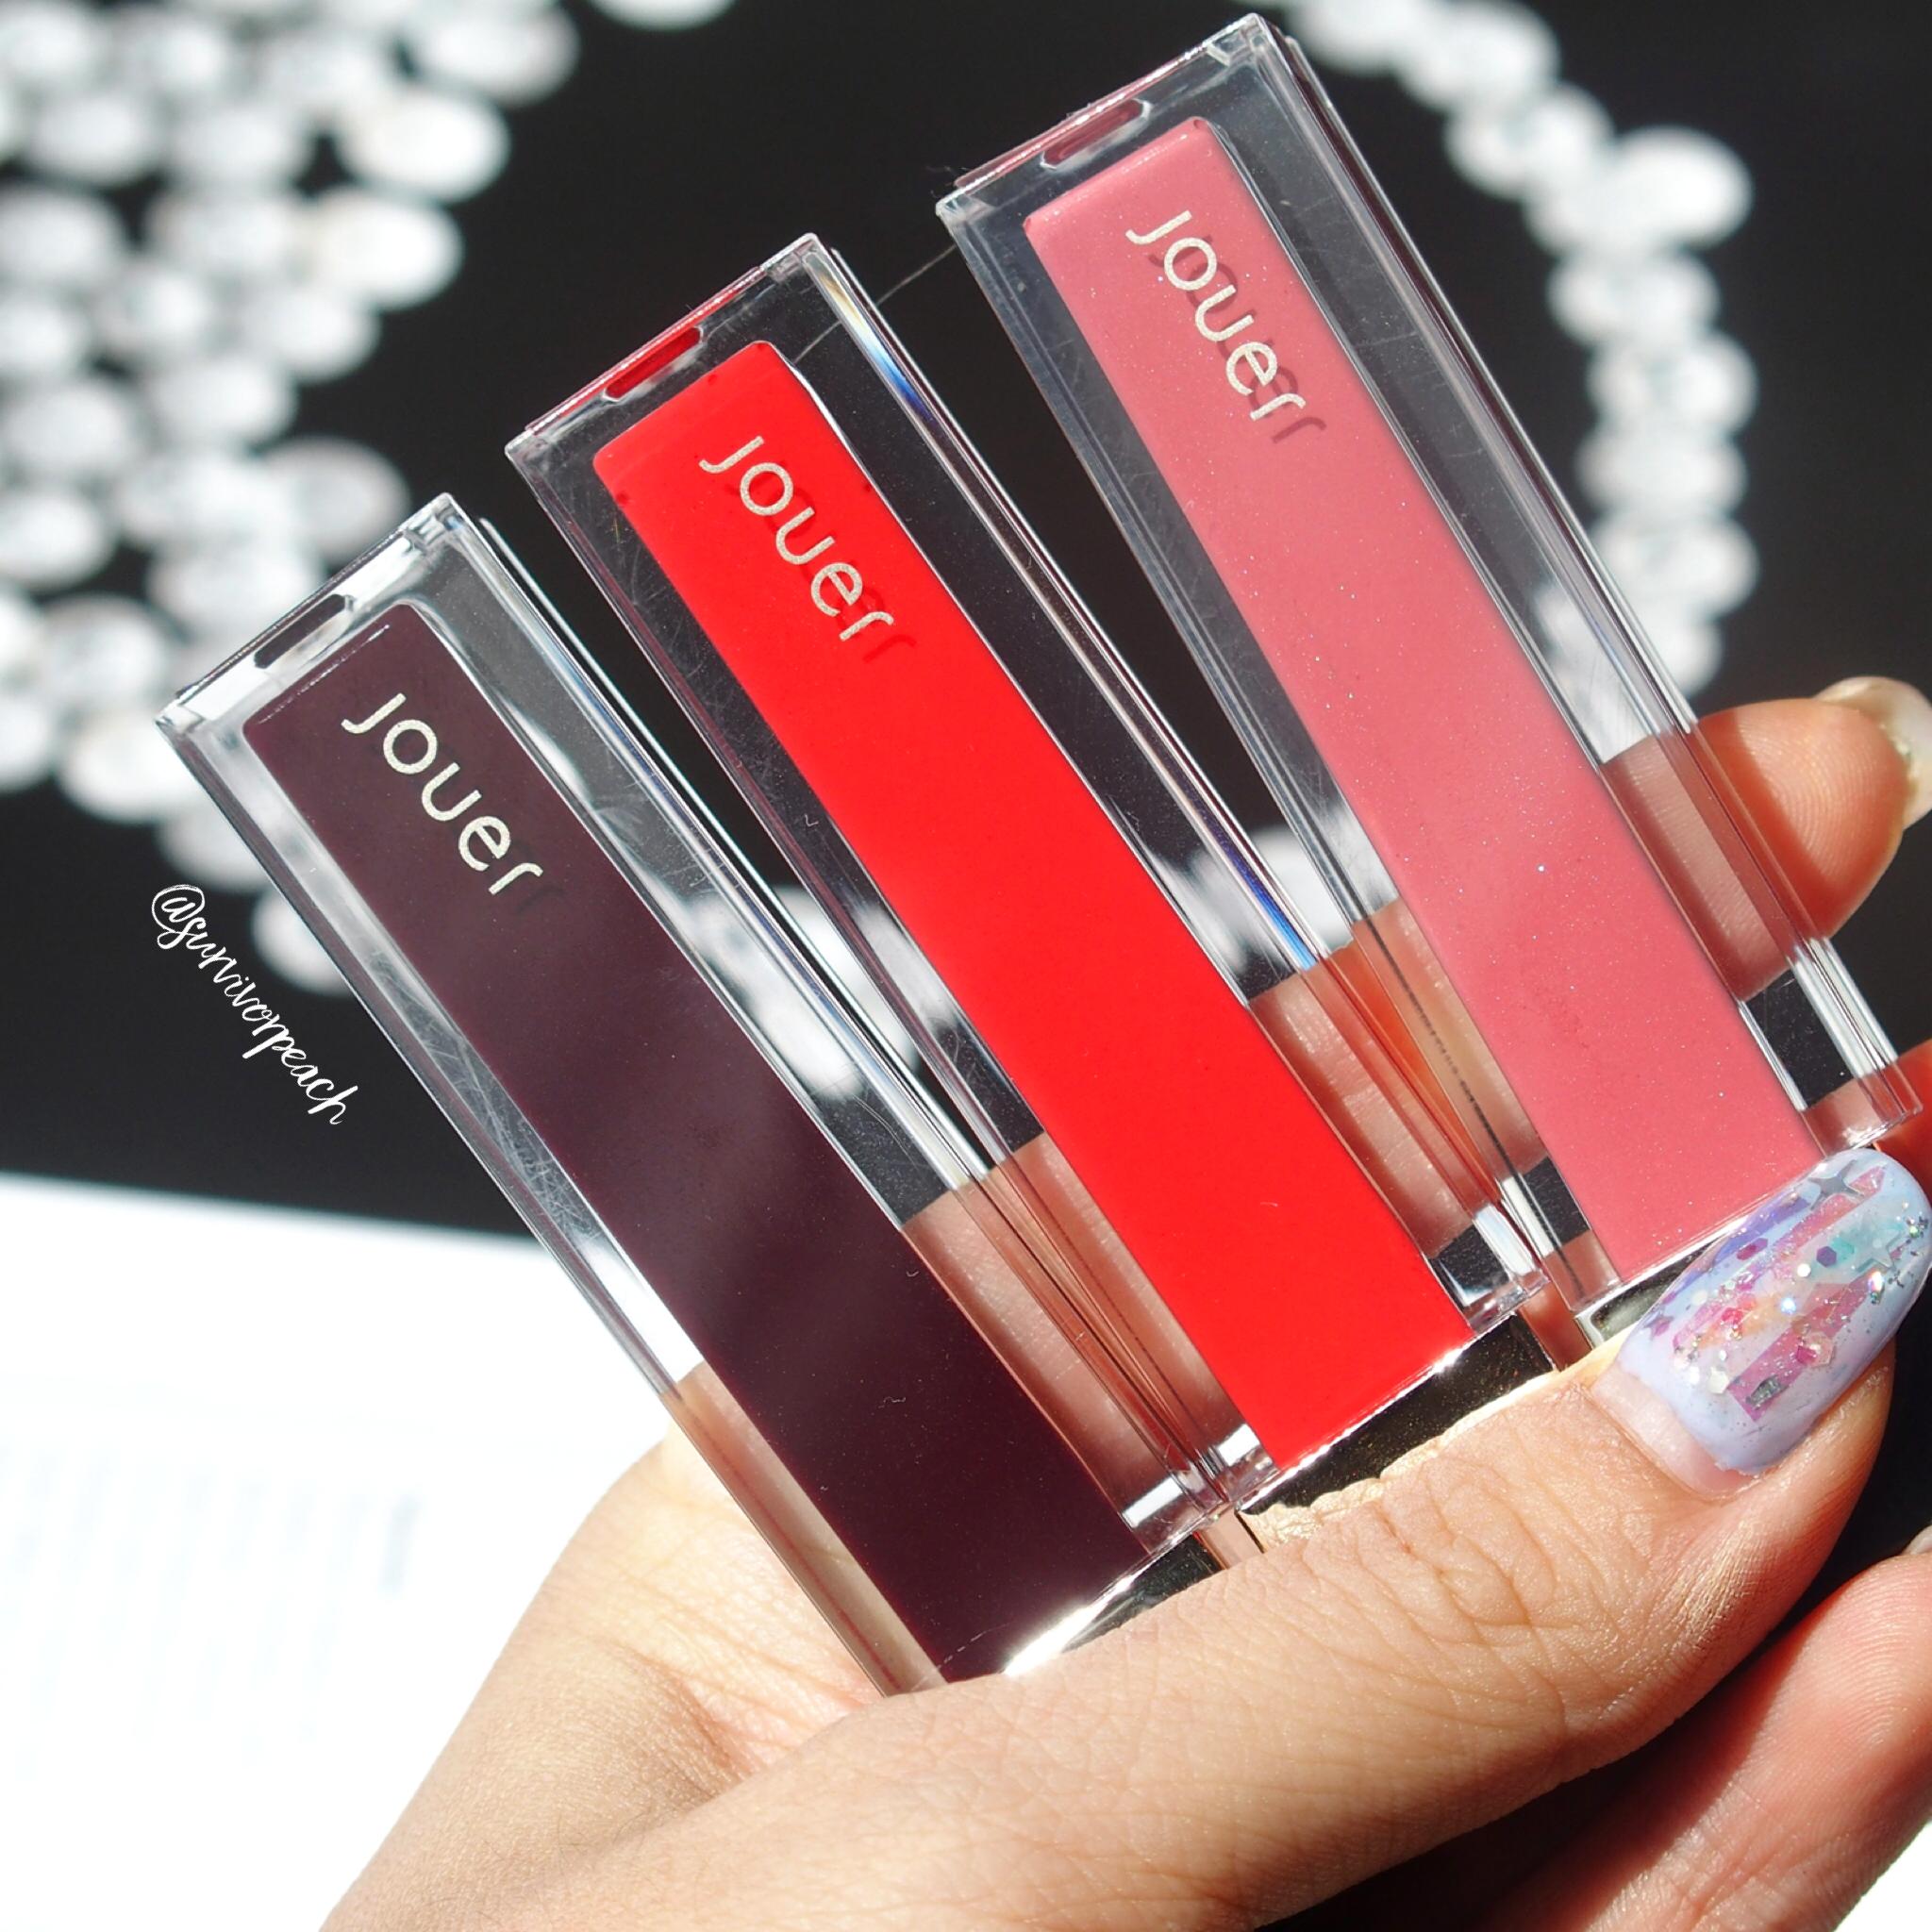 Jouer Sheer Pigment Lipgloss in shades Worth Ave, Serrano, Via Condotti.